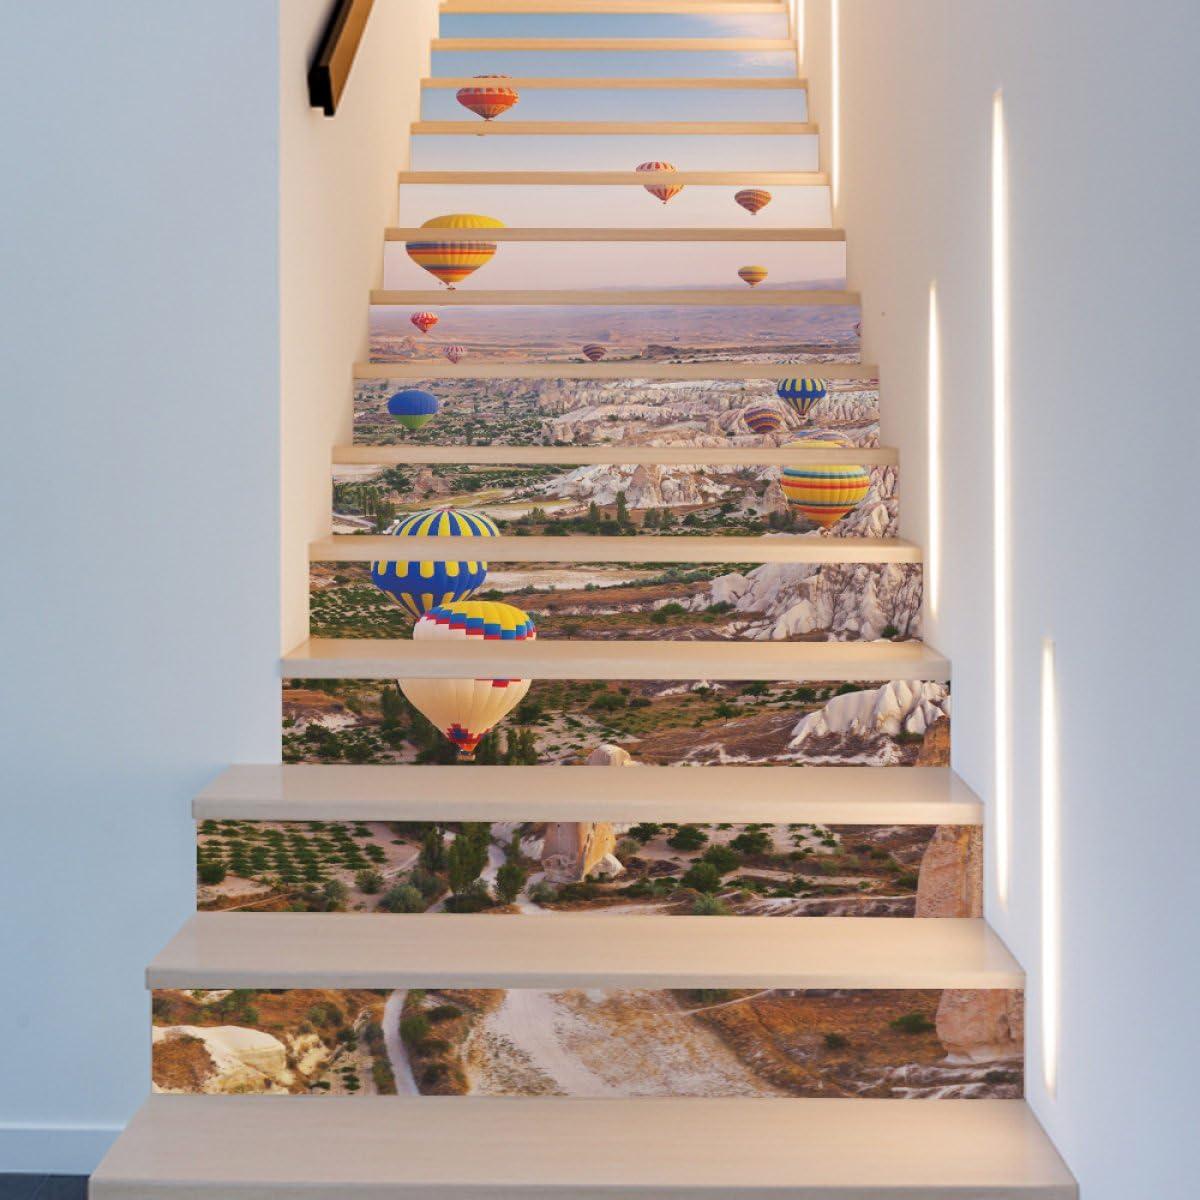 QTZS 3D Turco Globo Aerostático Escalera Decoración del Hogar PVC Renovación Pegatinas De Pared 13 Unids: Amazon.es: Hogar